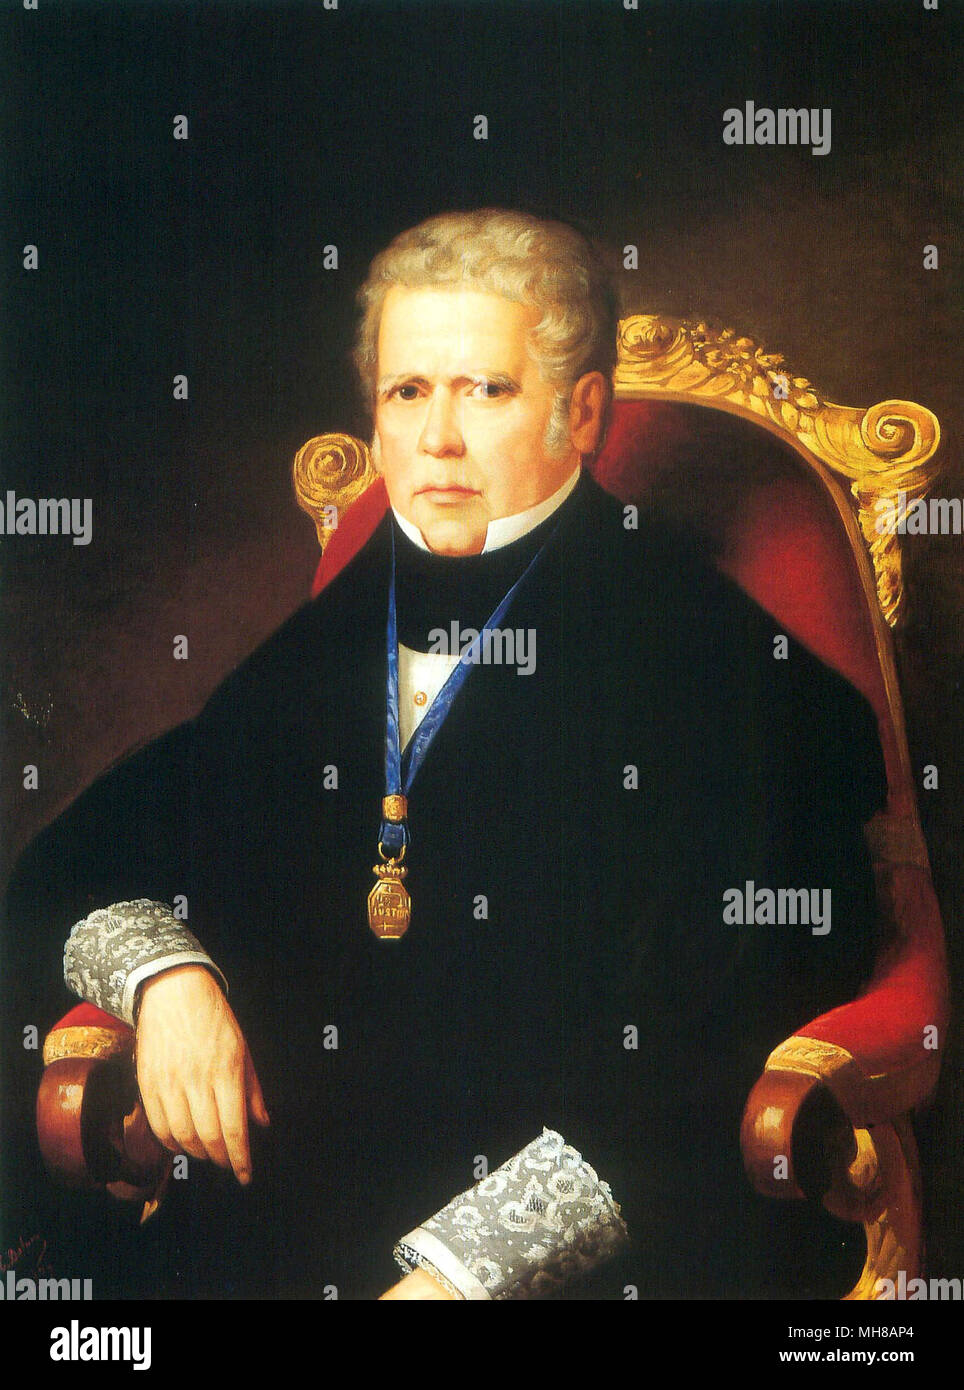 Álvaro Gómez Becerra (1771 – 1855) Spanish politician and Prime Minister of Spain in 1843. - Stock Image